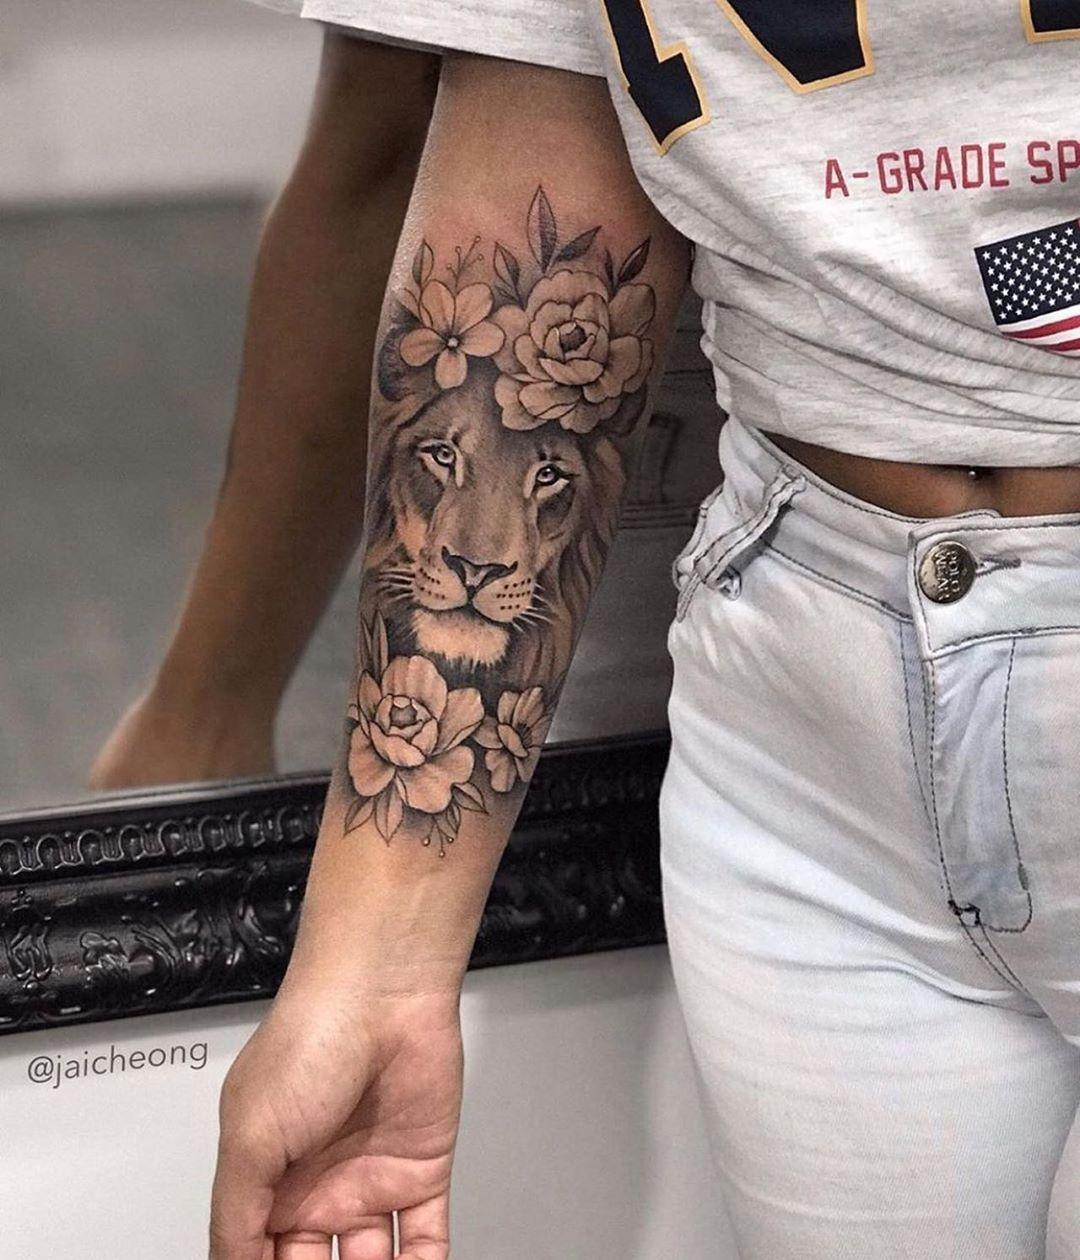 """Tatuagens Femininas 💠 Goiânia on Instagram: """"Mais um pra nossa lista de leão floral 🦁🌸 Feita pelo Tatuador: @jaicheong • Inspiração ༄ . . ➳ Gostou da foto? Deixe seu comentário ou a…"""""""